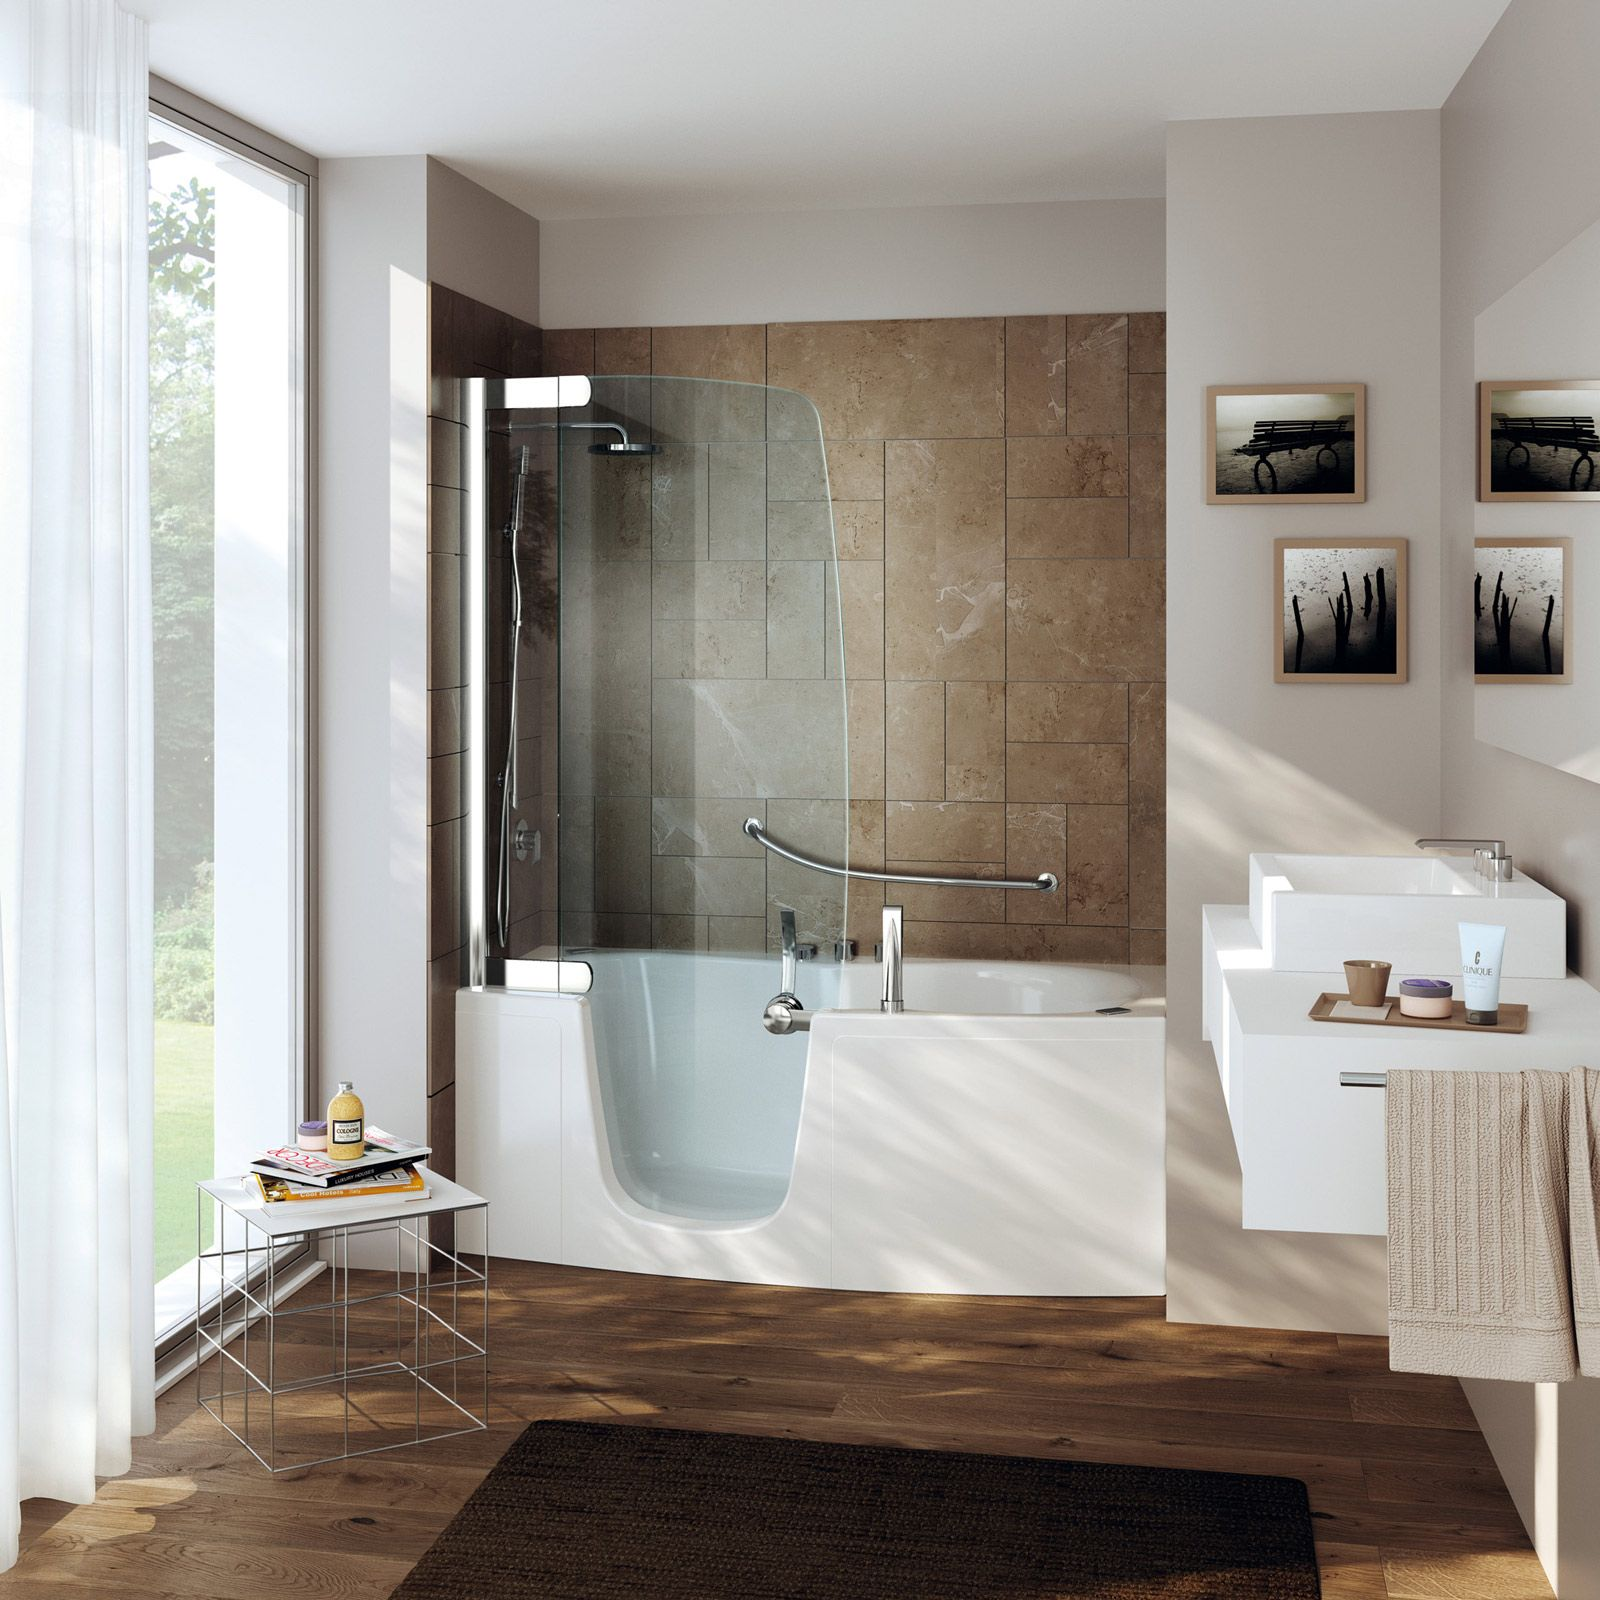 Piccola vasca doccia moderna cerca con google bagni - Vasca bagno piccola ...